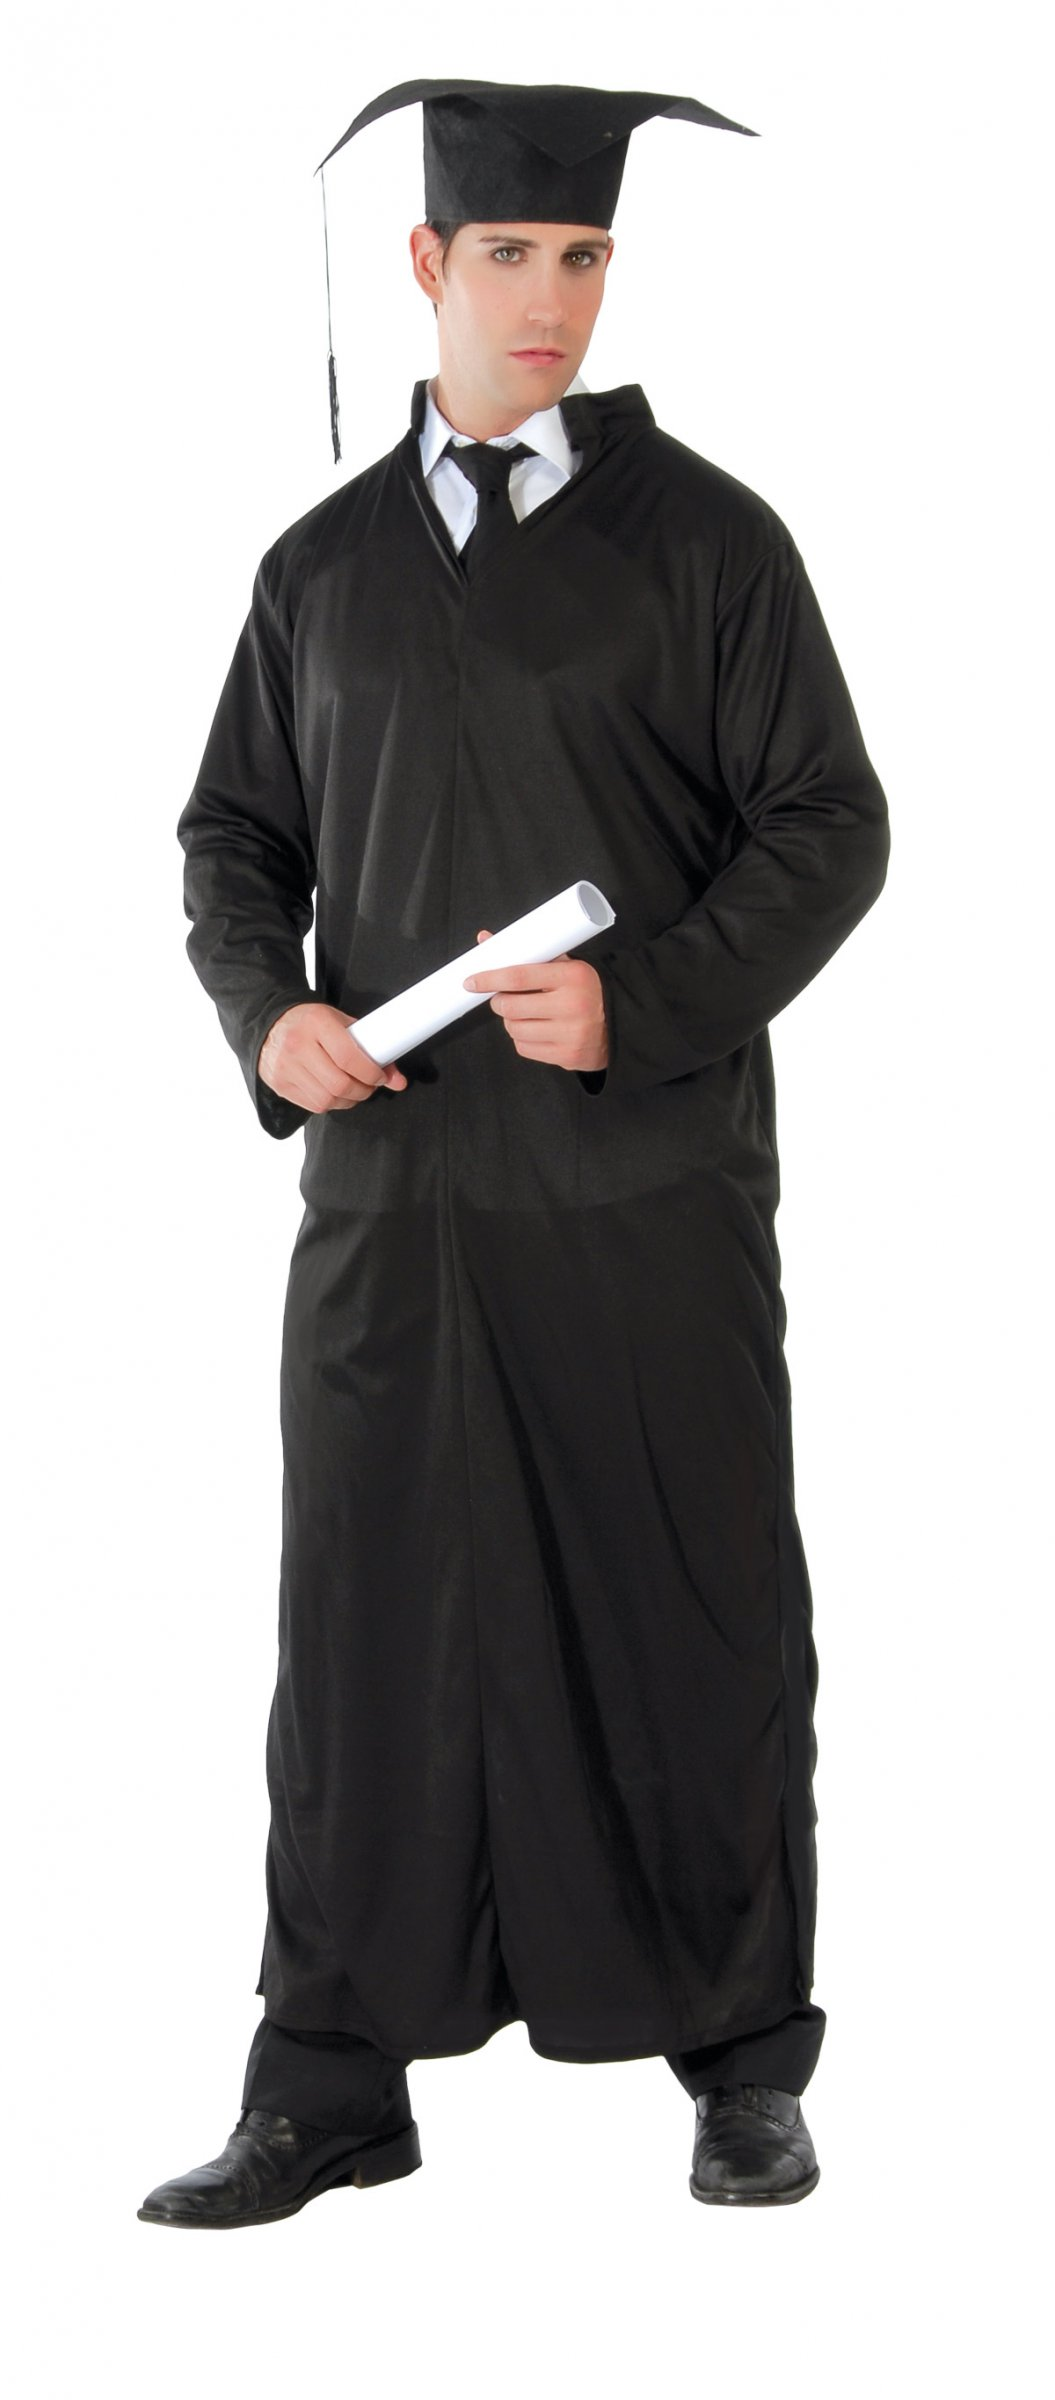 san francisco 23b19 22d9b Costume tunica nera 3 in 1 adulto: Costumi adulti,e vestiti ...